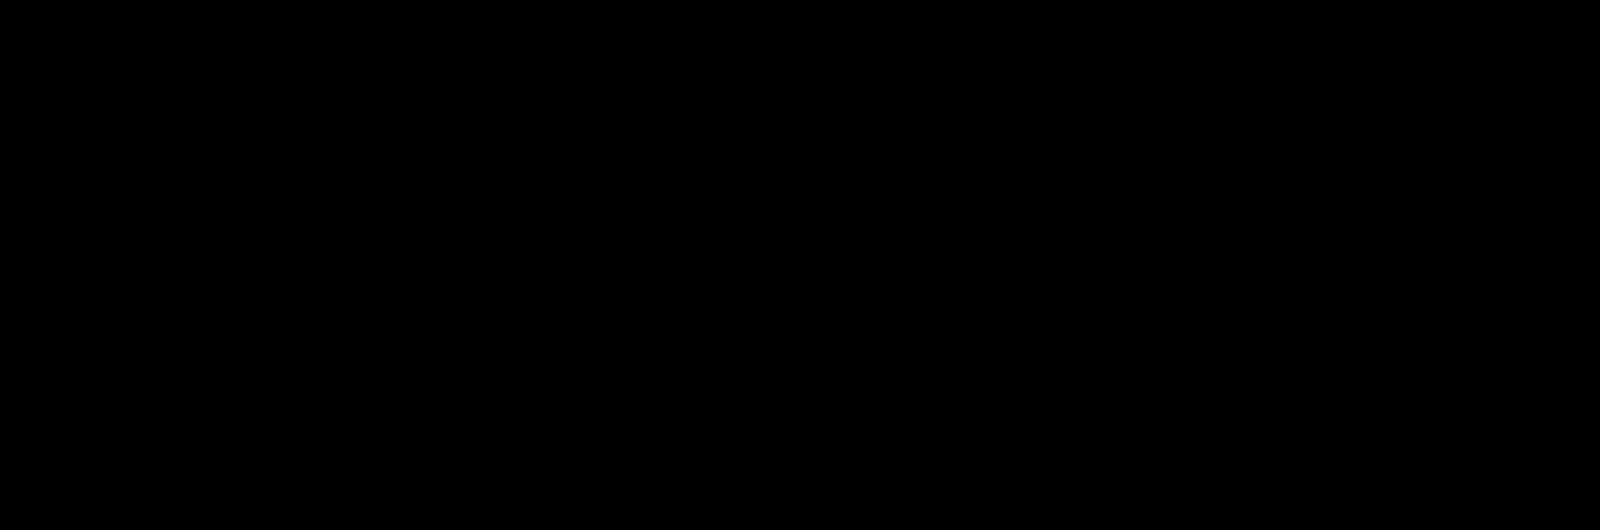 1600x530 Batgirl Clipart Rises